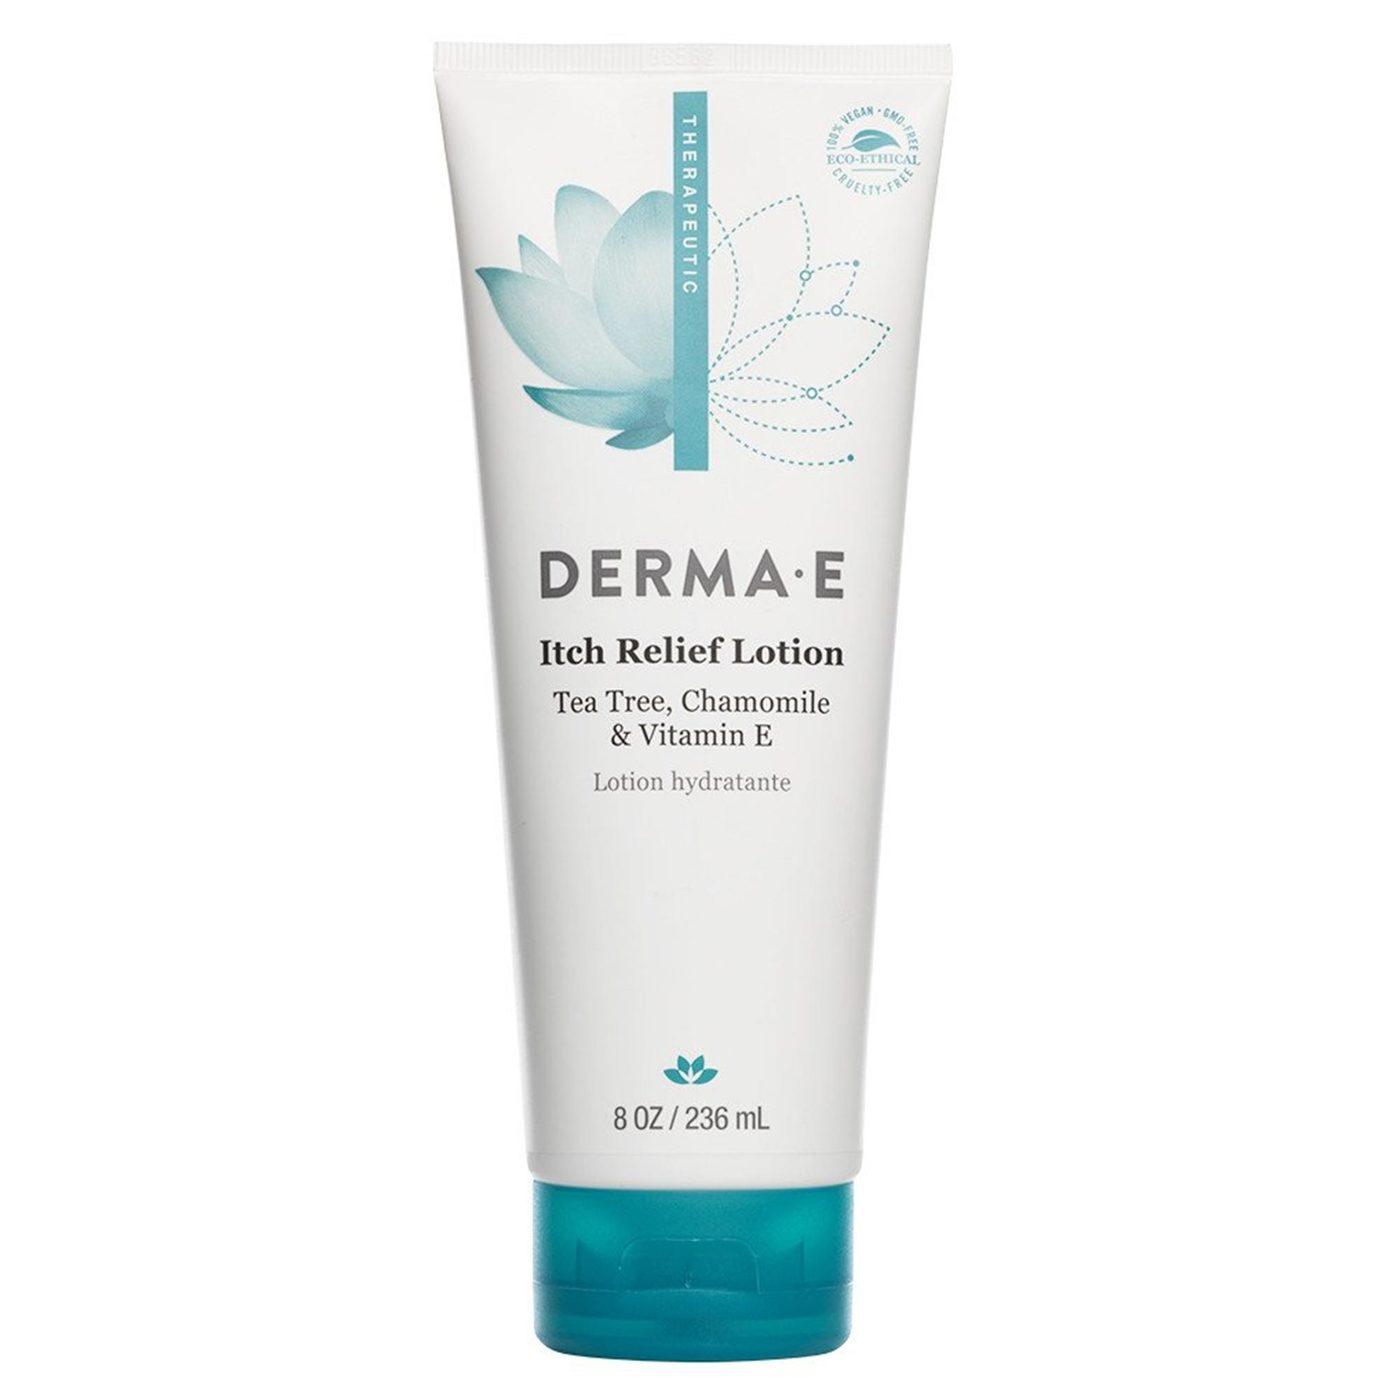 Derma E Itch Relief Lotion - 6 Oz - eVitamins.com